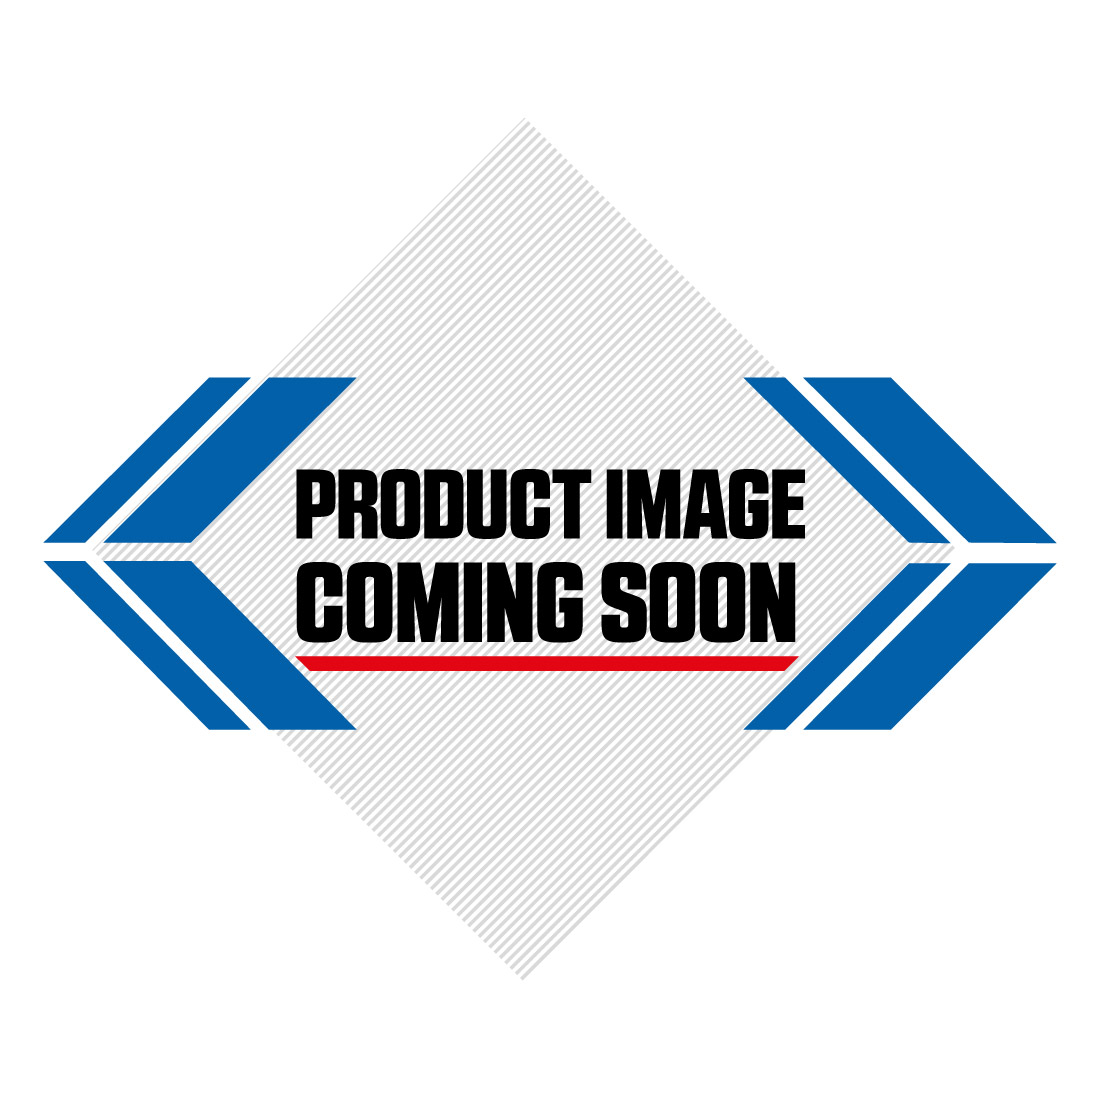 UFO Suzuki Radiator louvers RMZ 250 (19-20) OEM Factory Image-1>